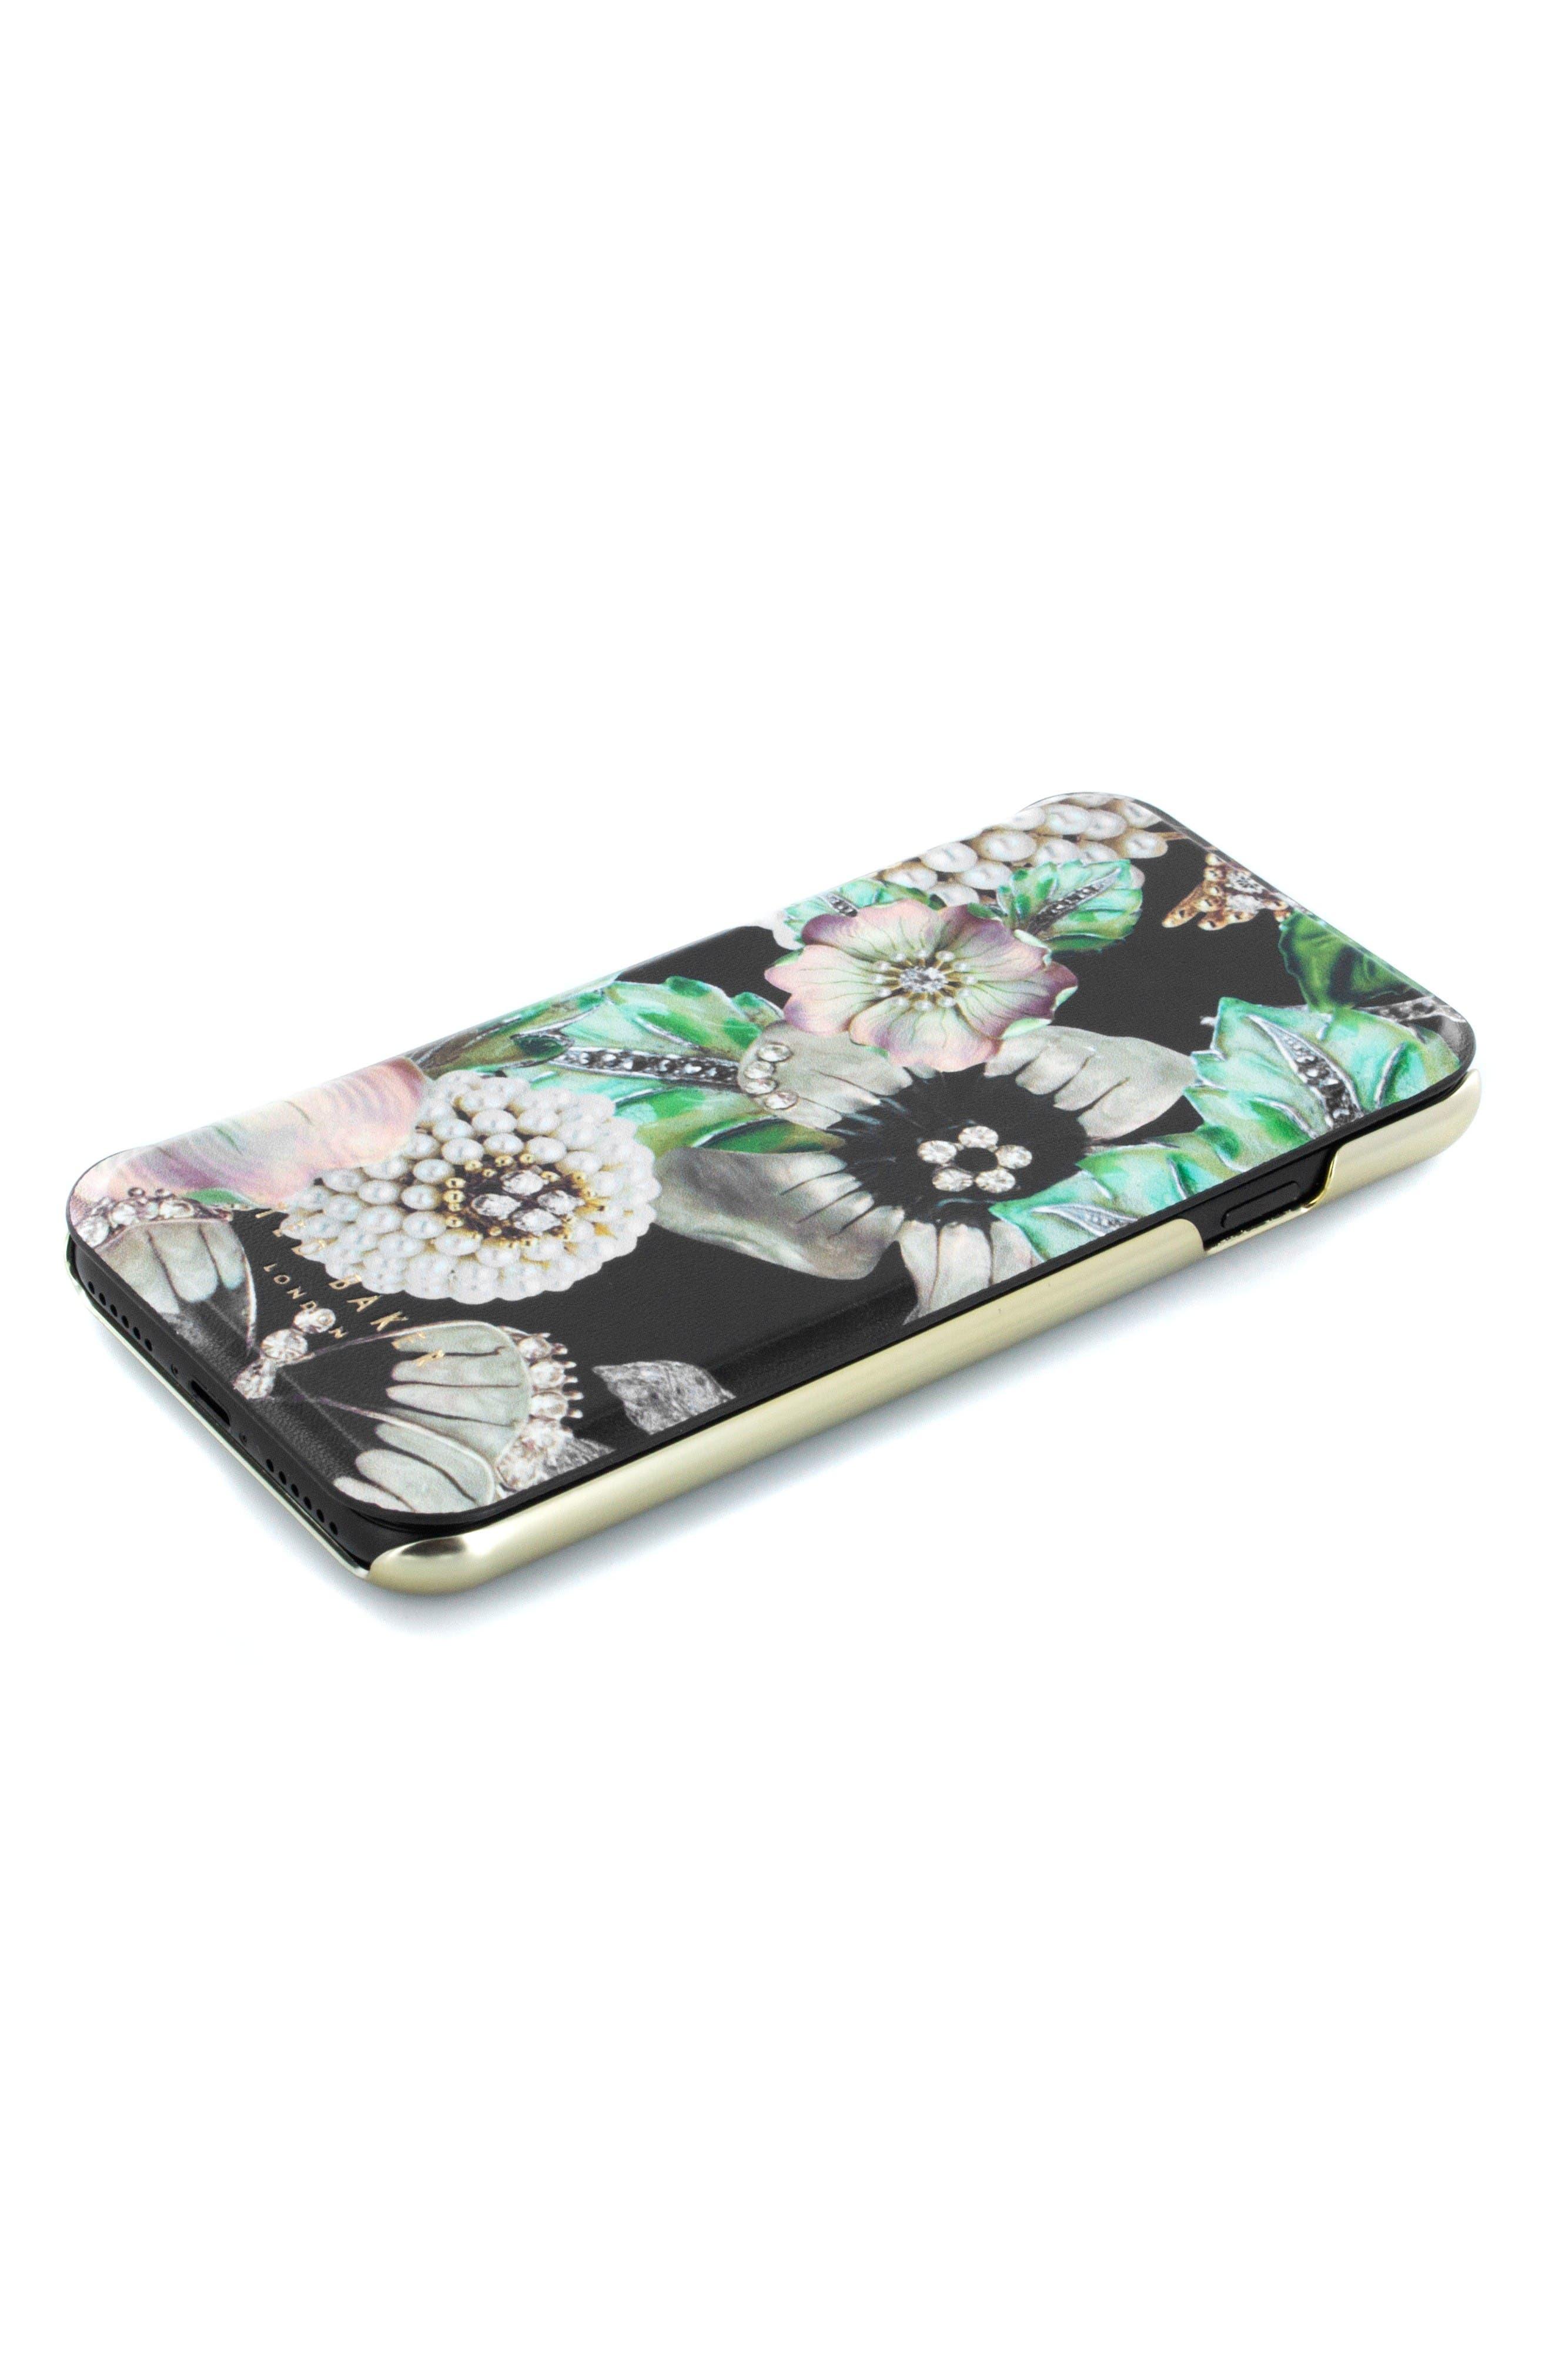 Clarna iPhone 6/6s/7/8 & 6/6s/7/8 Plus Mirror Folio Case,                             Alternate thumbnail 2, color,                             Multi